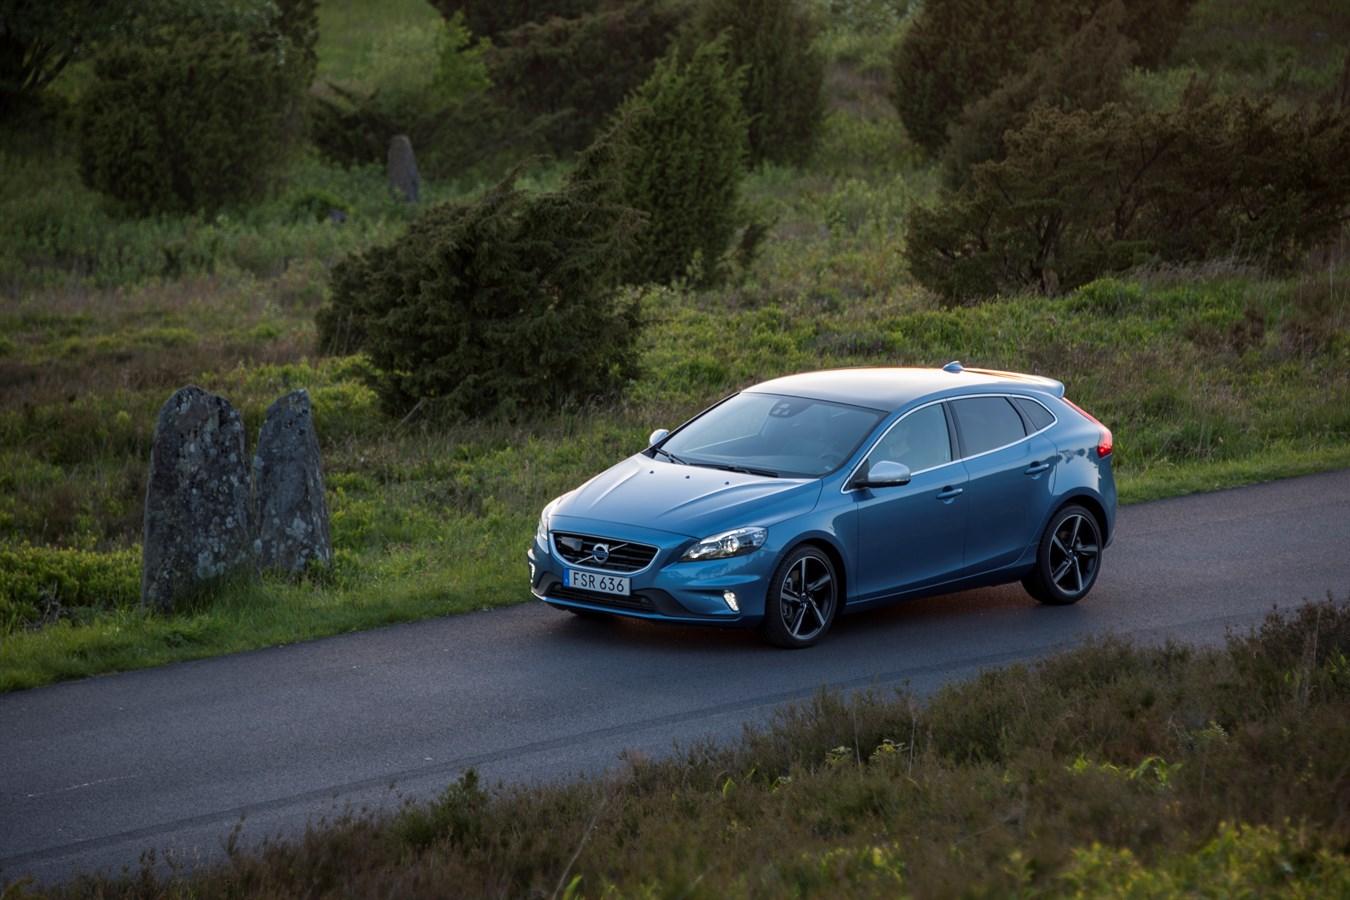 Volvo V40 Model Year 2016 Volvo Cars Global Media Newsroom